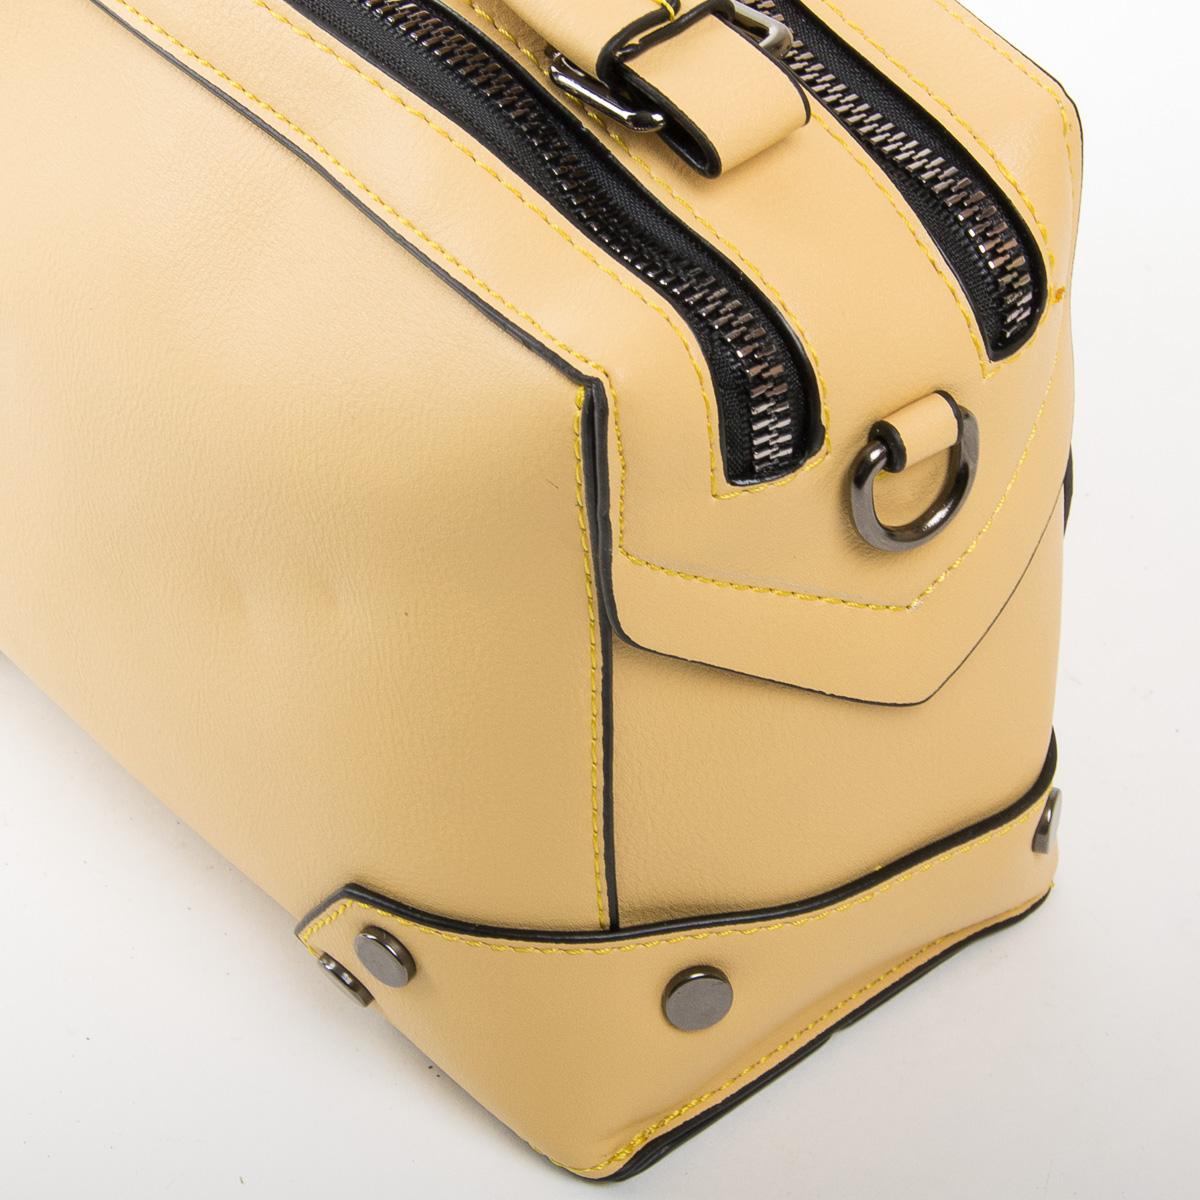 Сумка Женская Классическая иск-кожа FASHION 01-03 9790 yellow - фото 3